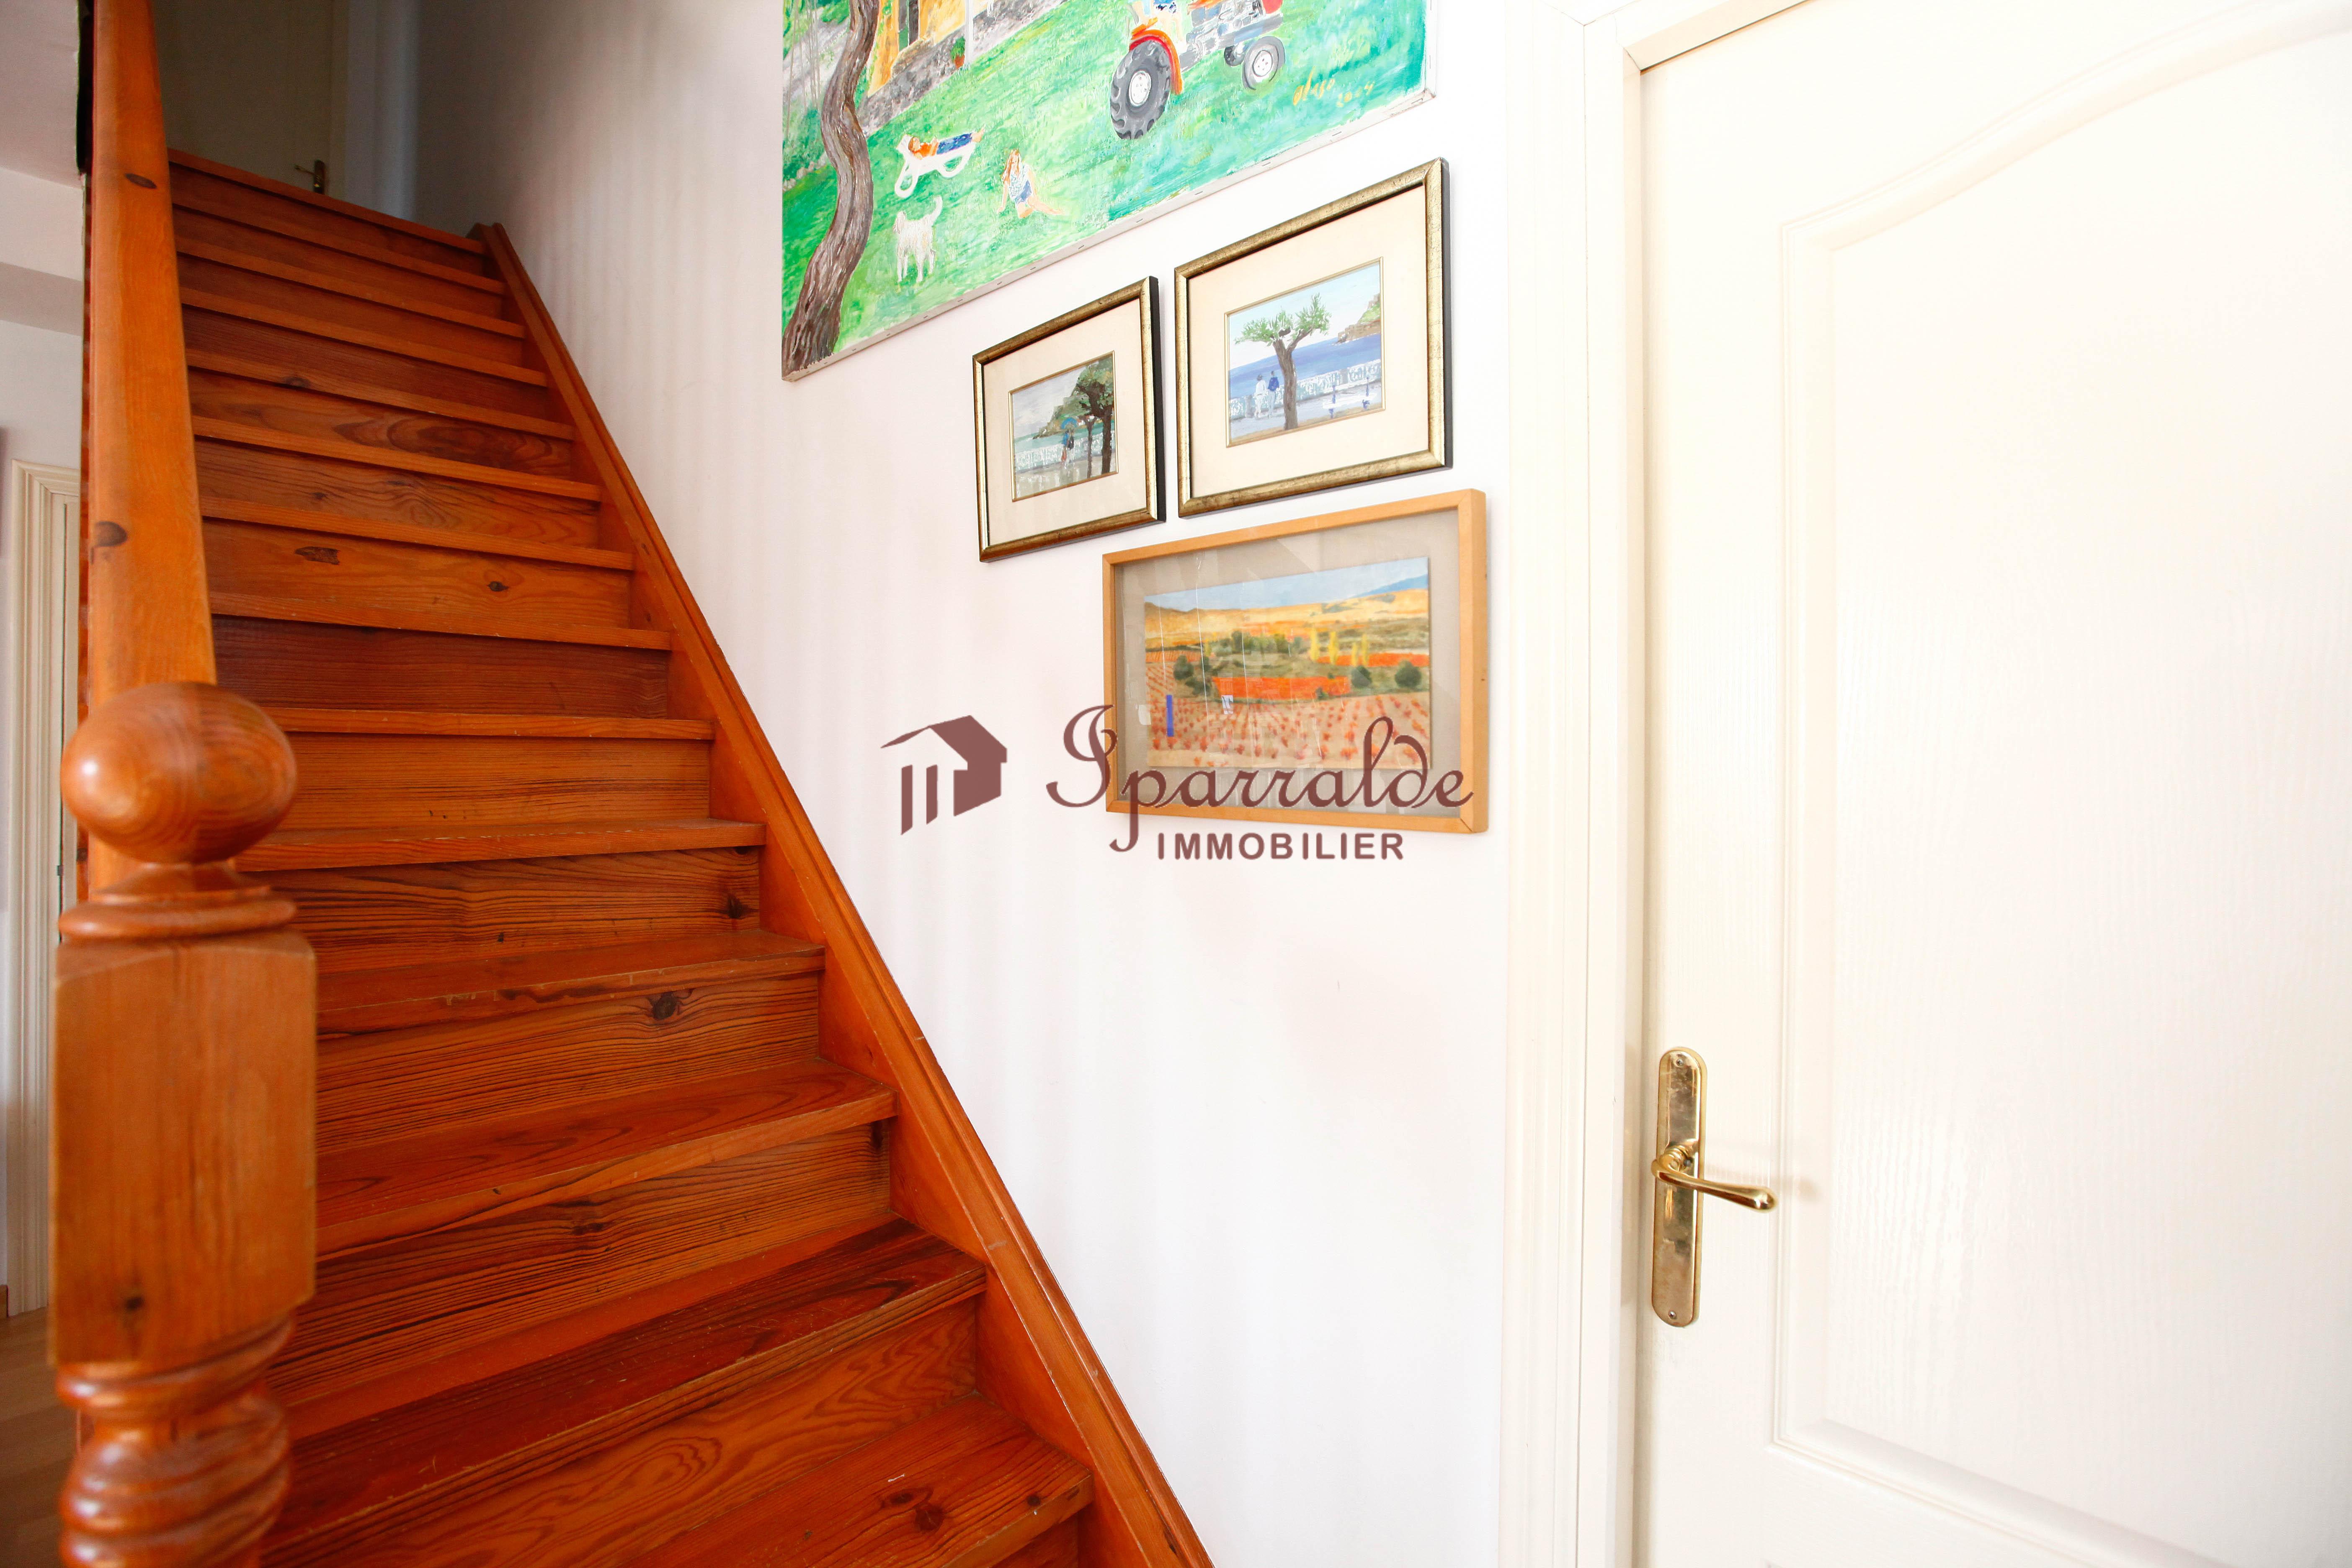 A la venta precioso dúplex de 100m2 con 3 habitaciones, terraza, jardín, piscina comunitaria y magnificas vistas despejadas.